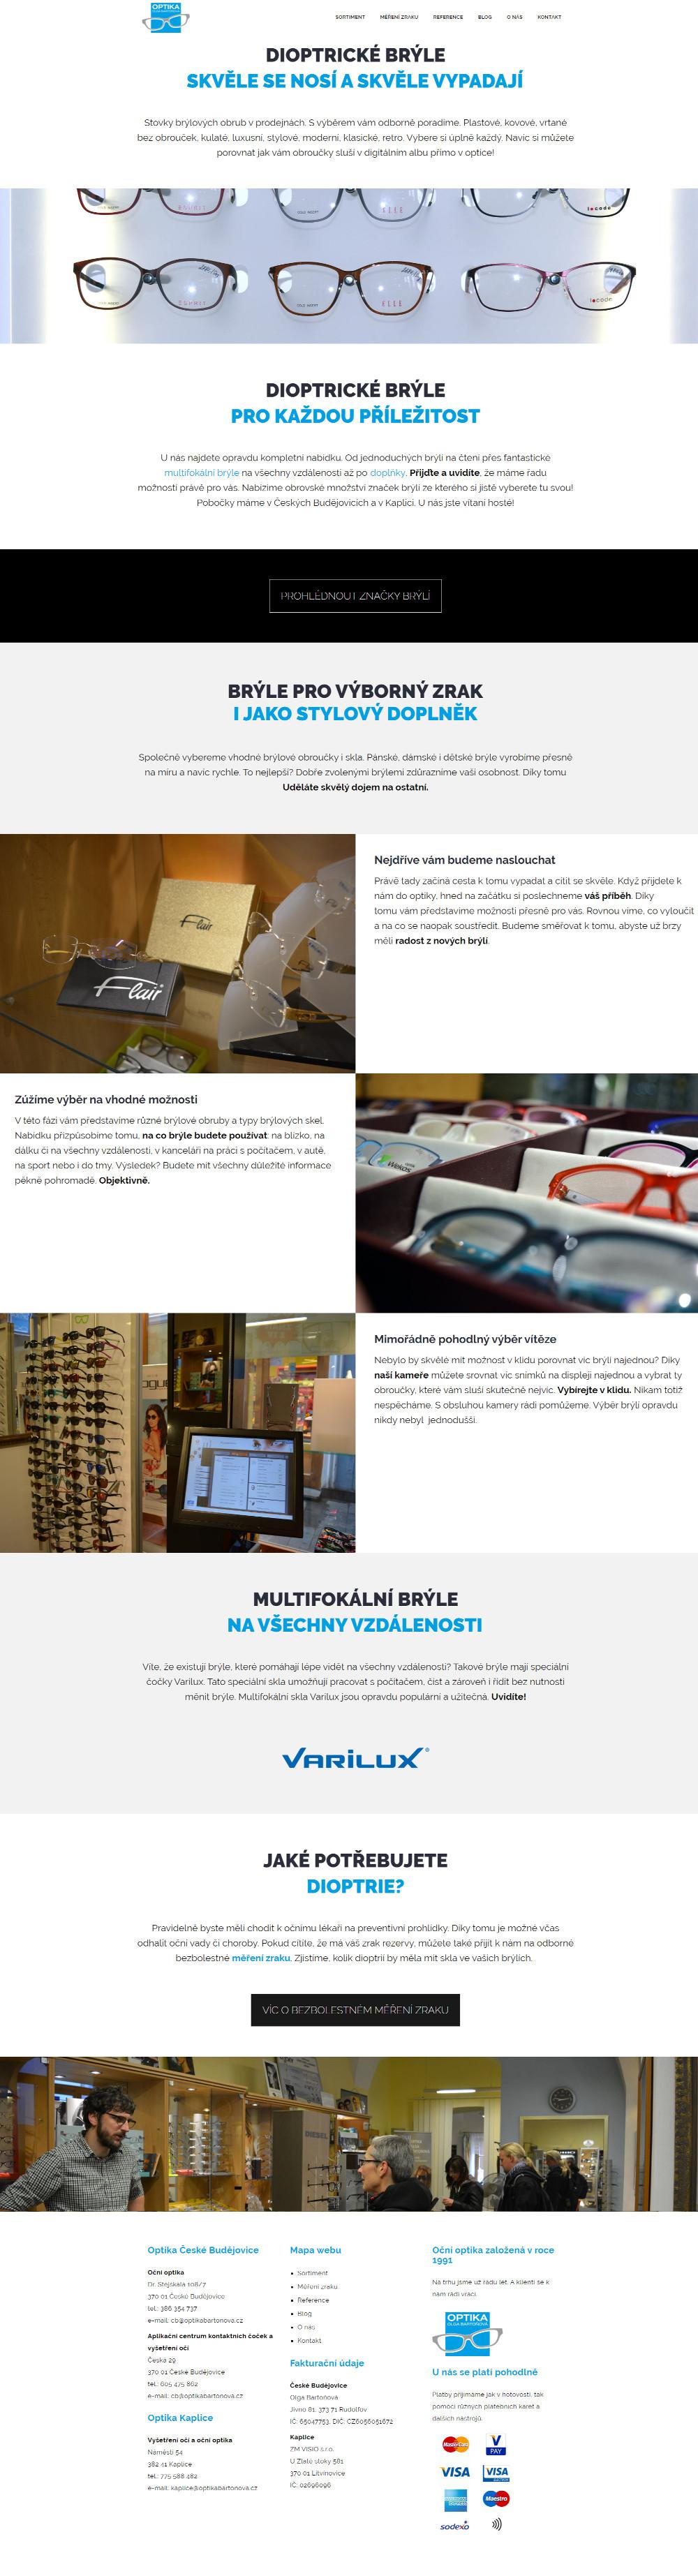 Ukázka sekce Dioptrické brýle